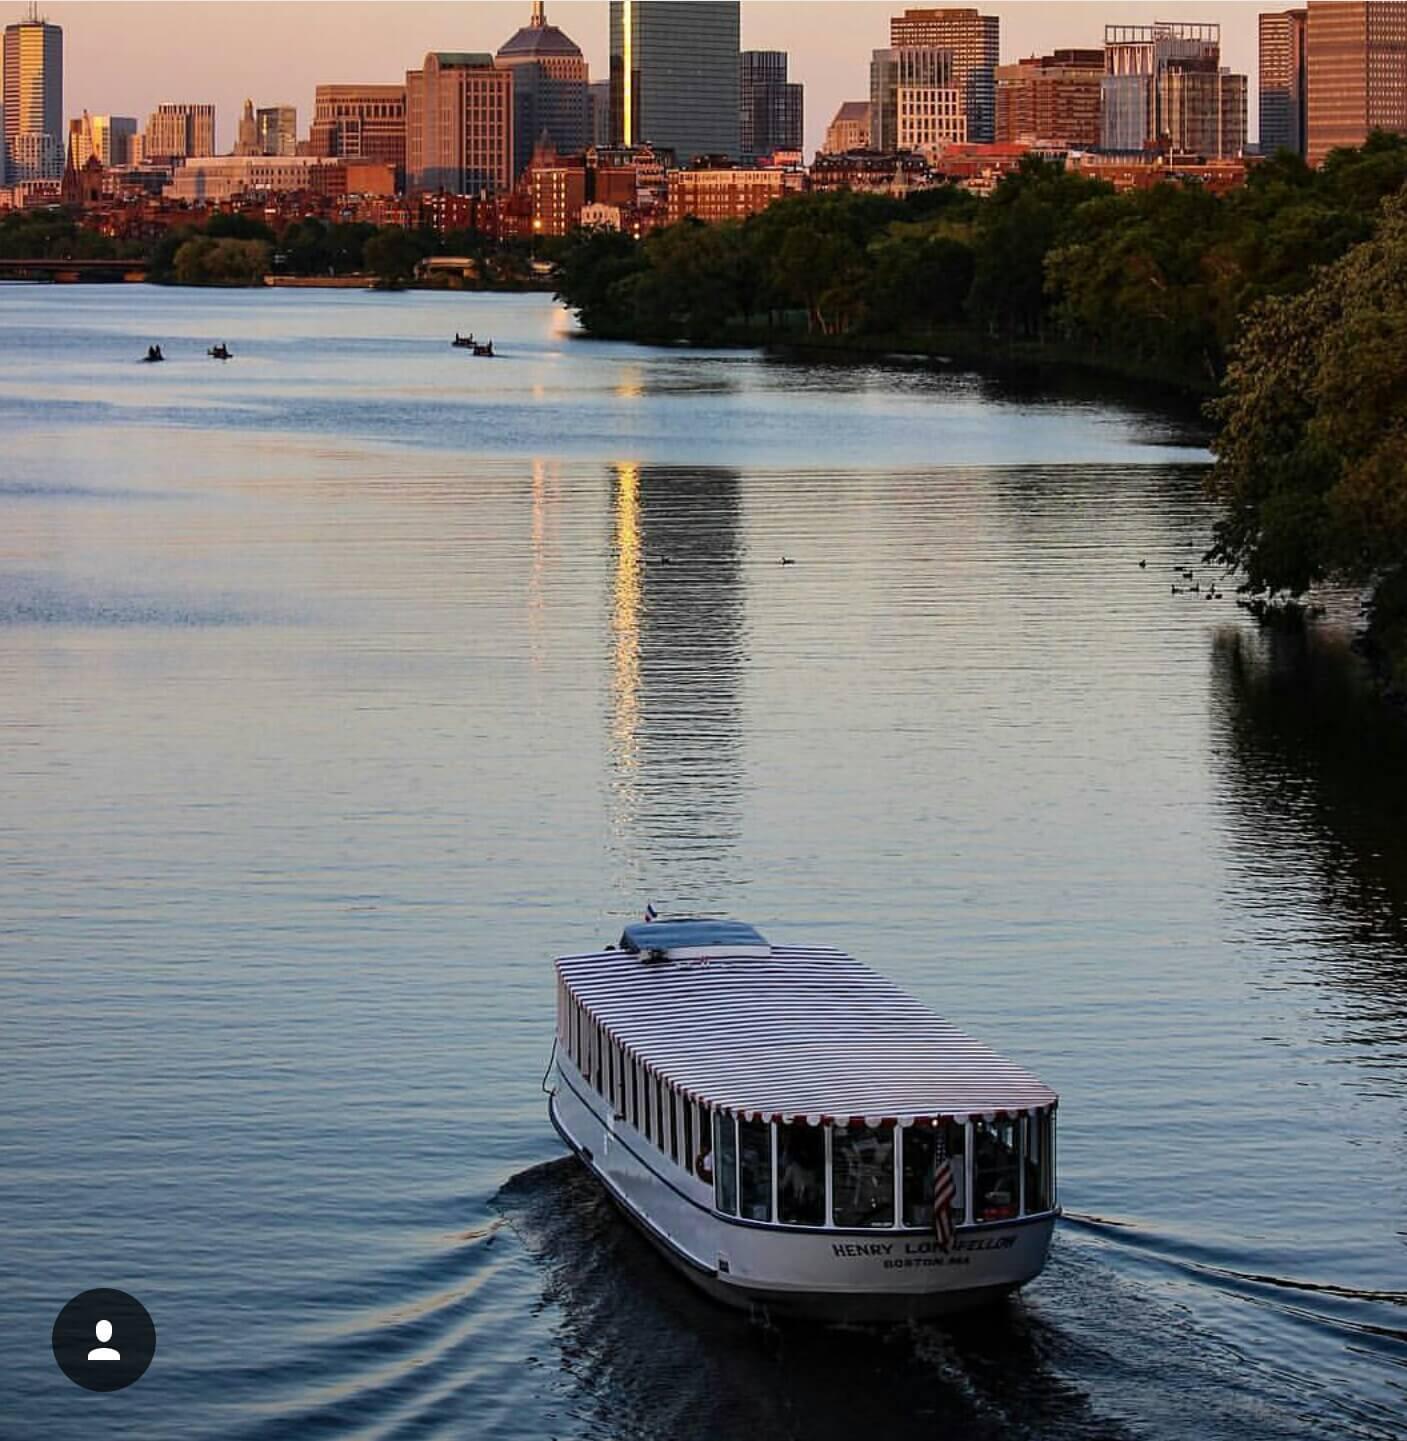 henry longfellow cruising towards boston skyline